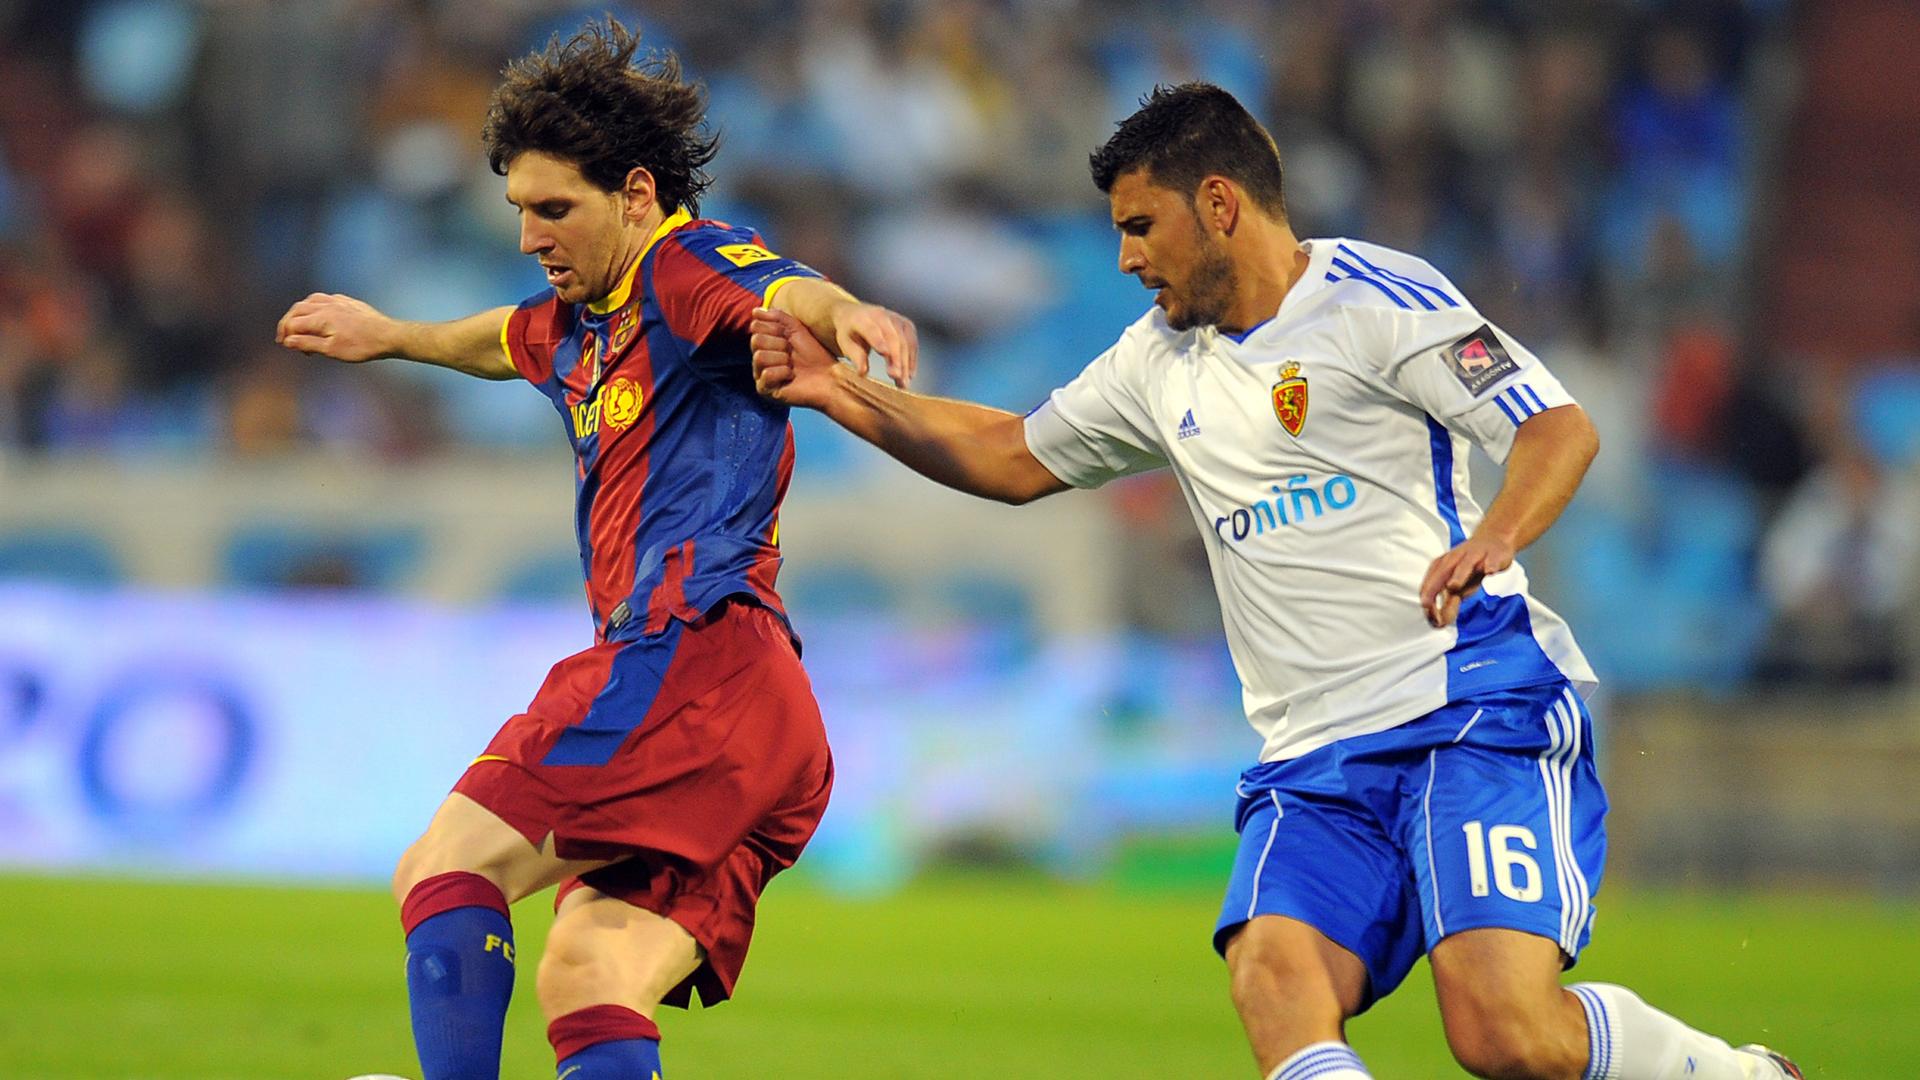 Lionel Messi on a run against Zaragoza